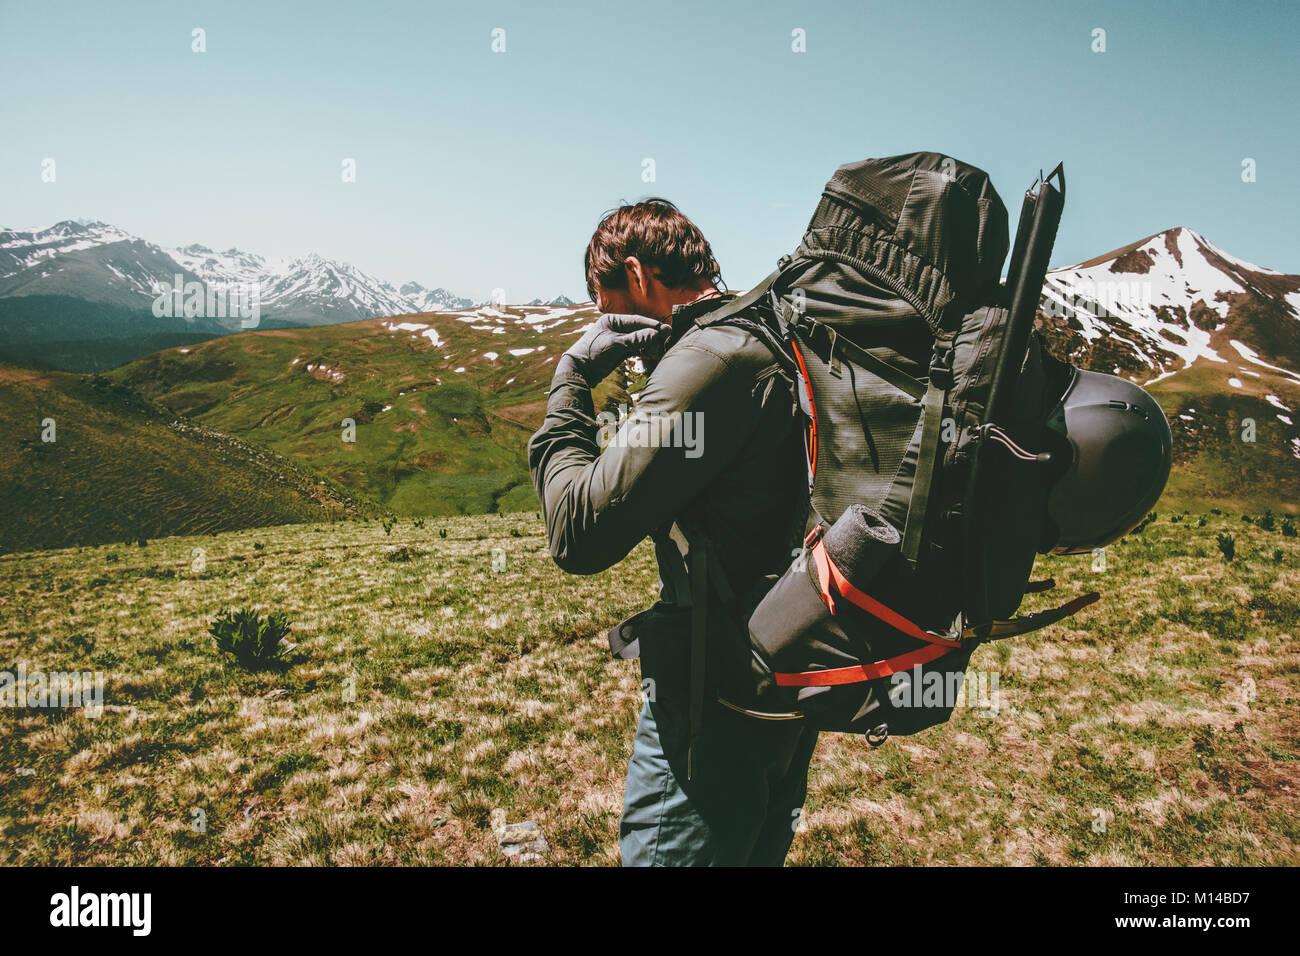 Reisen Mann mit großen Rucksack bergsteigen Lifestyle überleben Konzept Abenteuer Outdoor Aktiv Sommer Stockbild